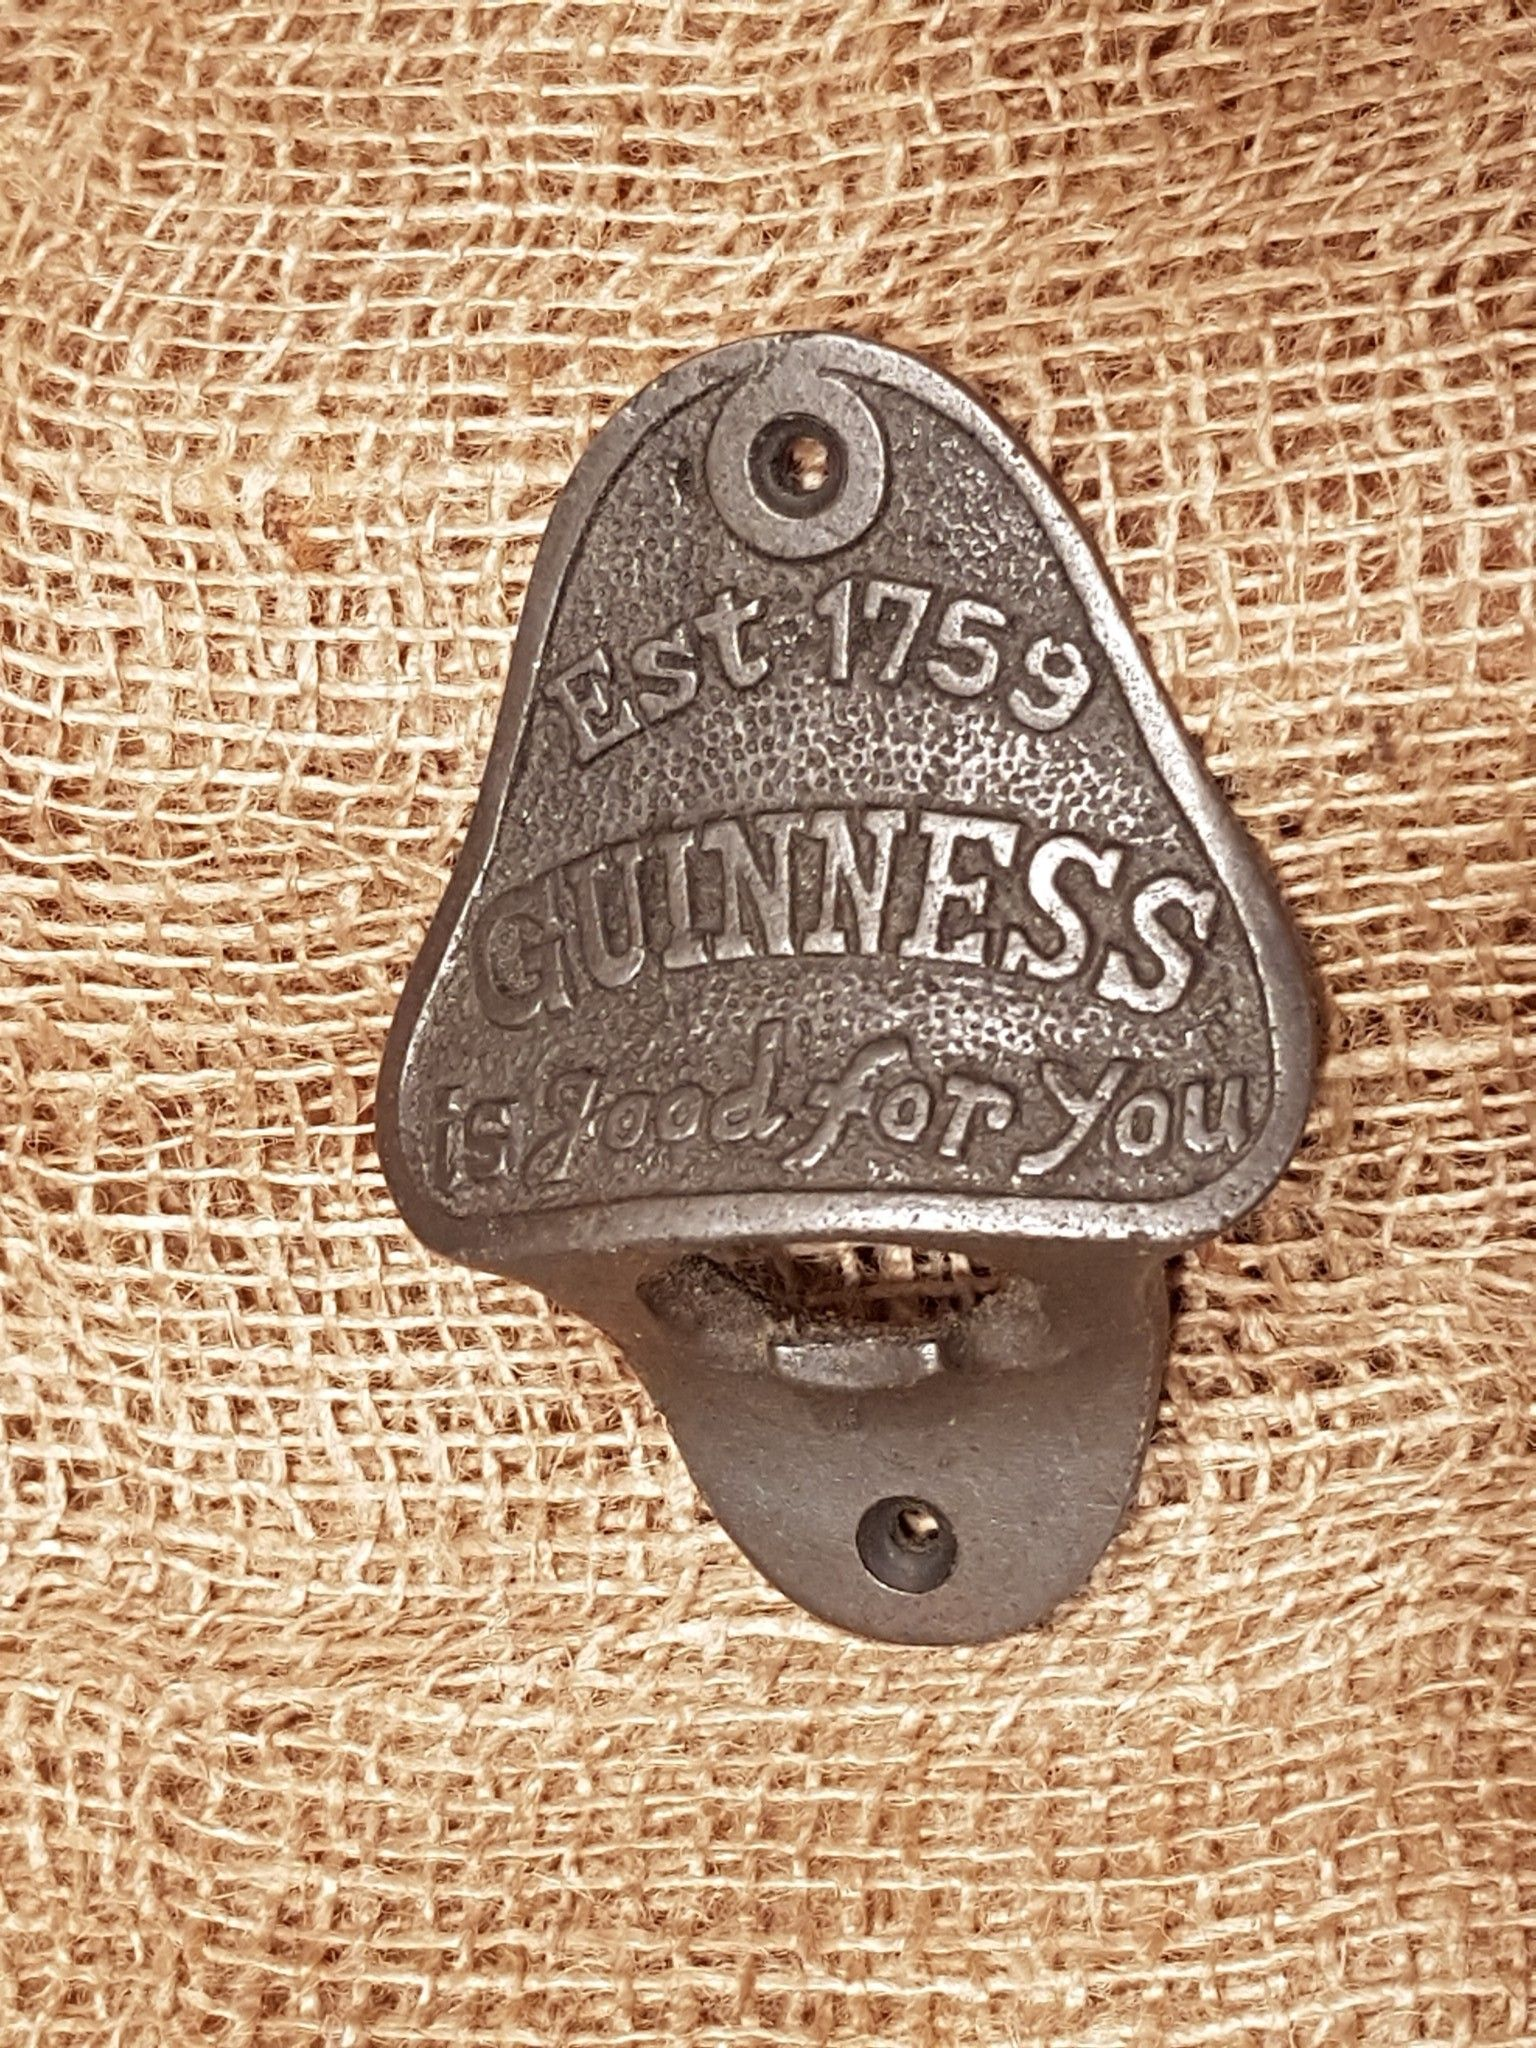 The Guinness Antique Iron Bottle Opener Cast Iron Bottle Opener Mounted Bottle Opener Wall Mounted Bottle Opener